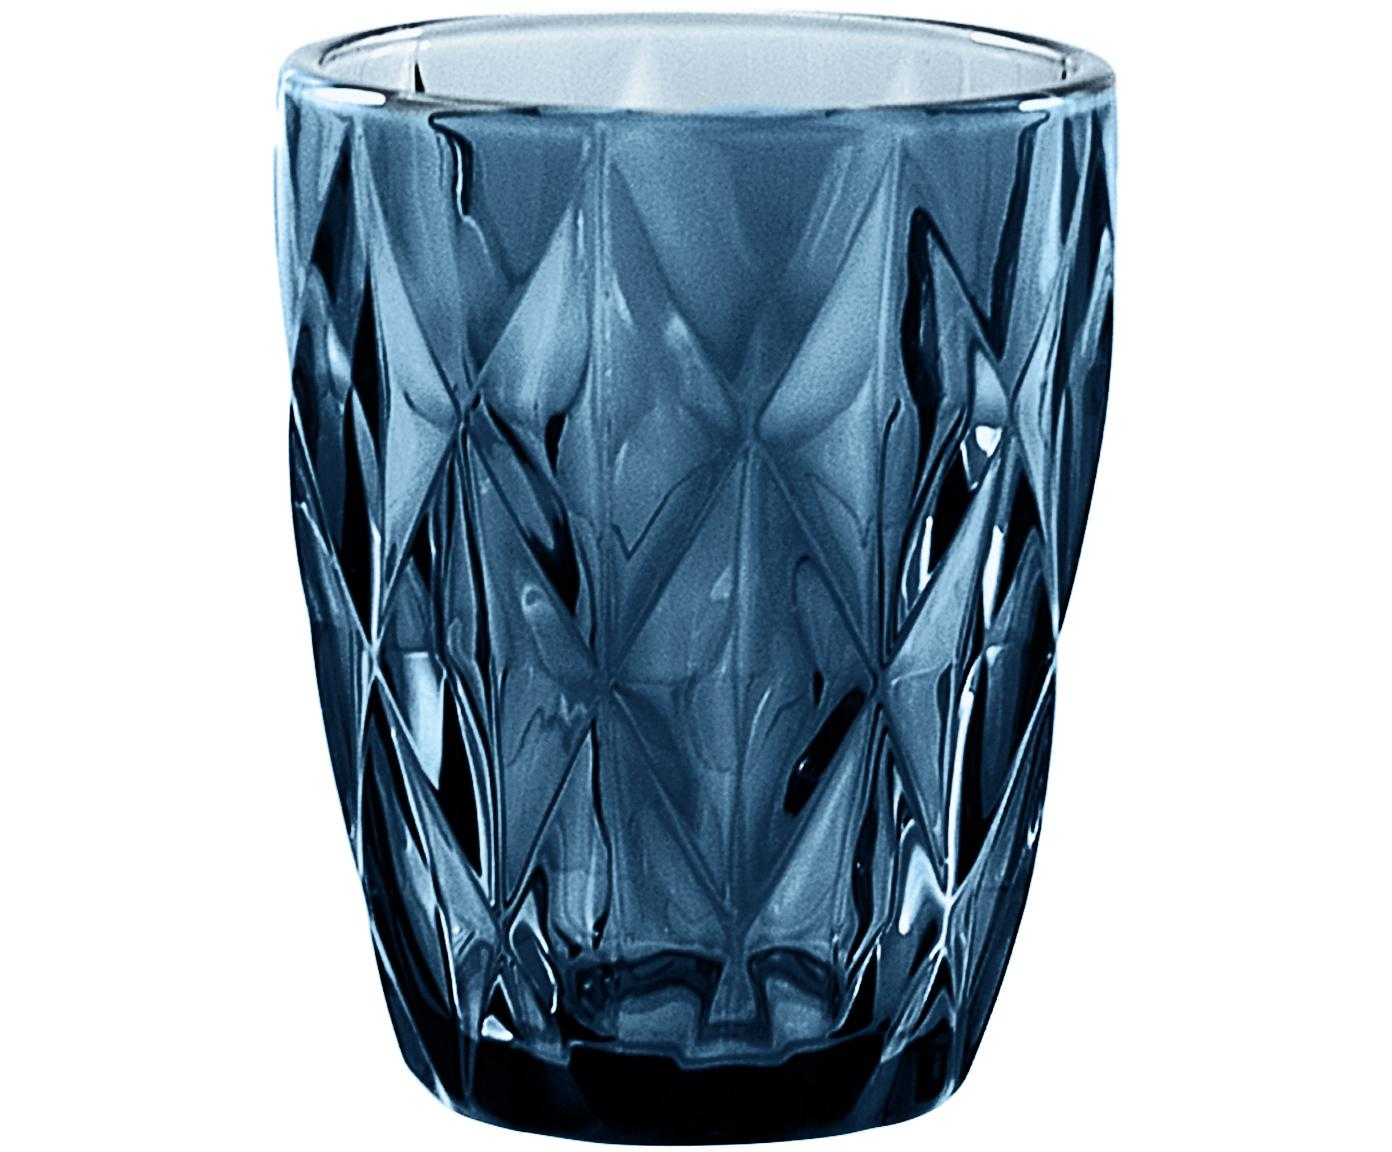 Wassergläser Diamond mit Strukturmuster, 6er-Set, Glas, Blau, leicht transparent, Ø 8 x H 10 cm